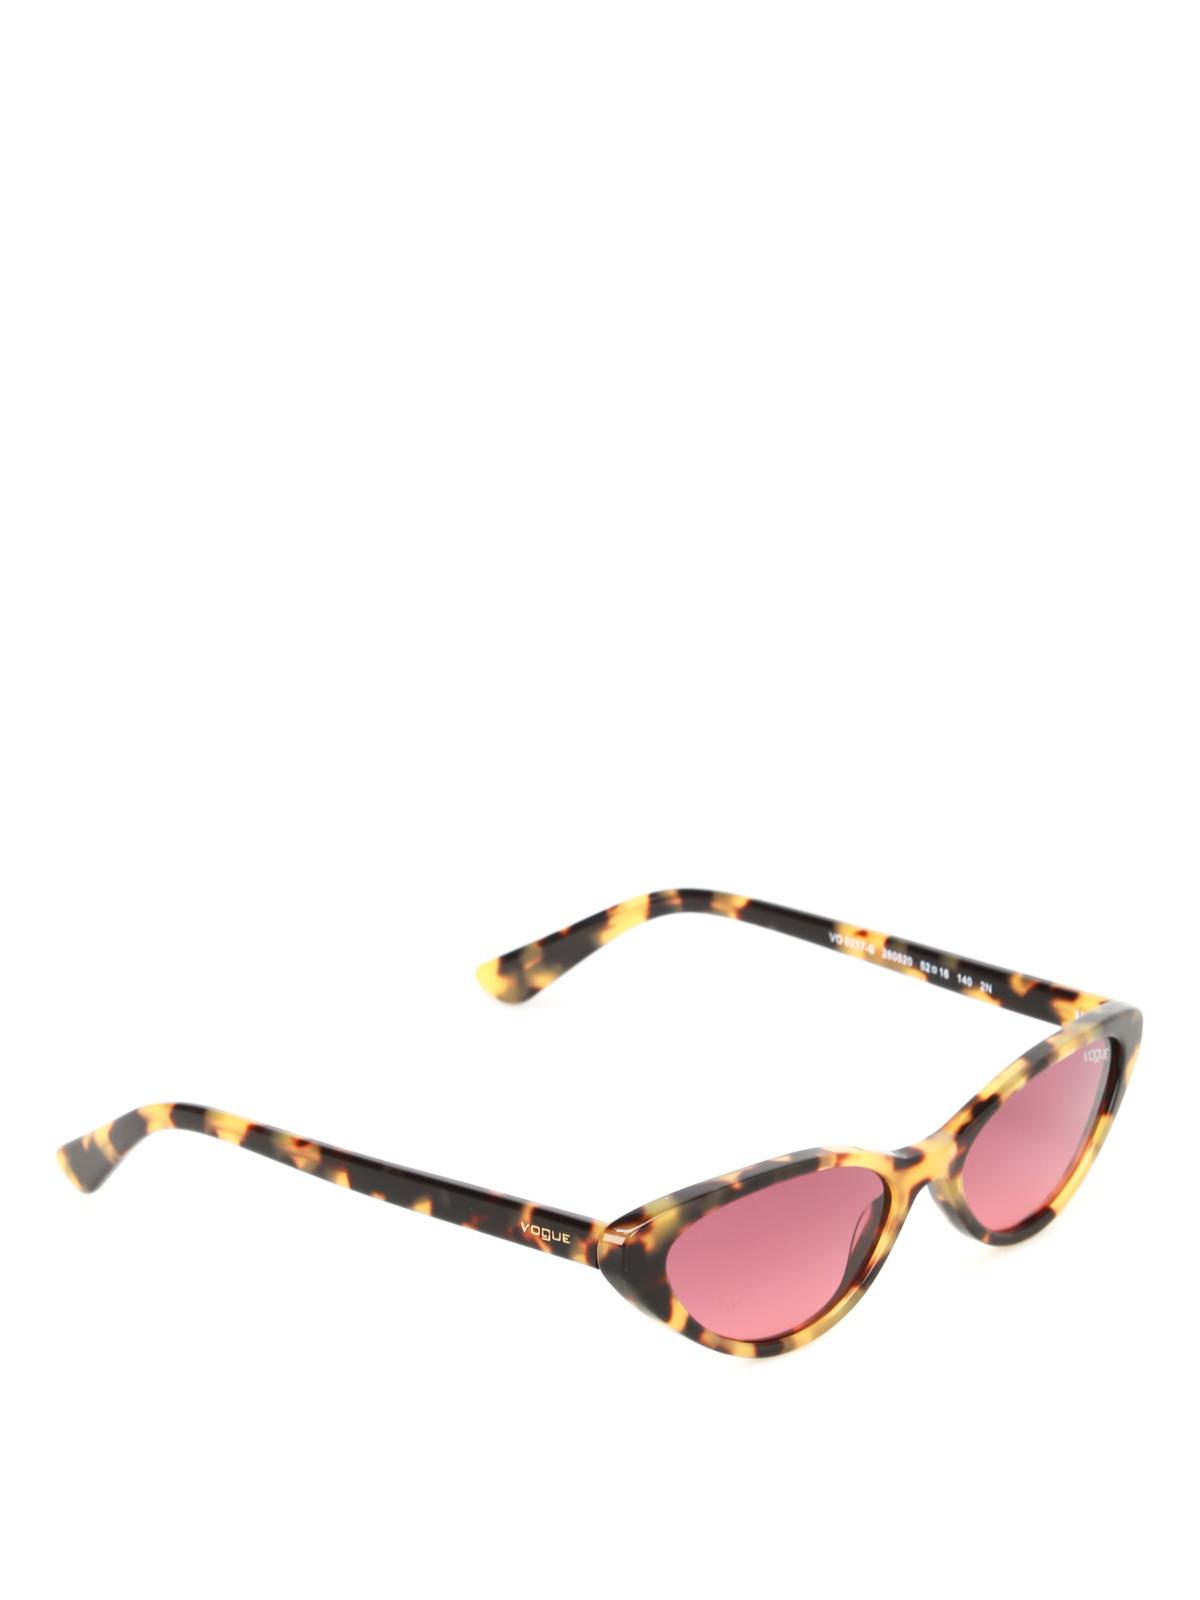 6915d1b07f5296 Vogue - Lunettes De Soleil - Gigi Hadid - Lunettes de soleil ...